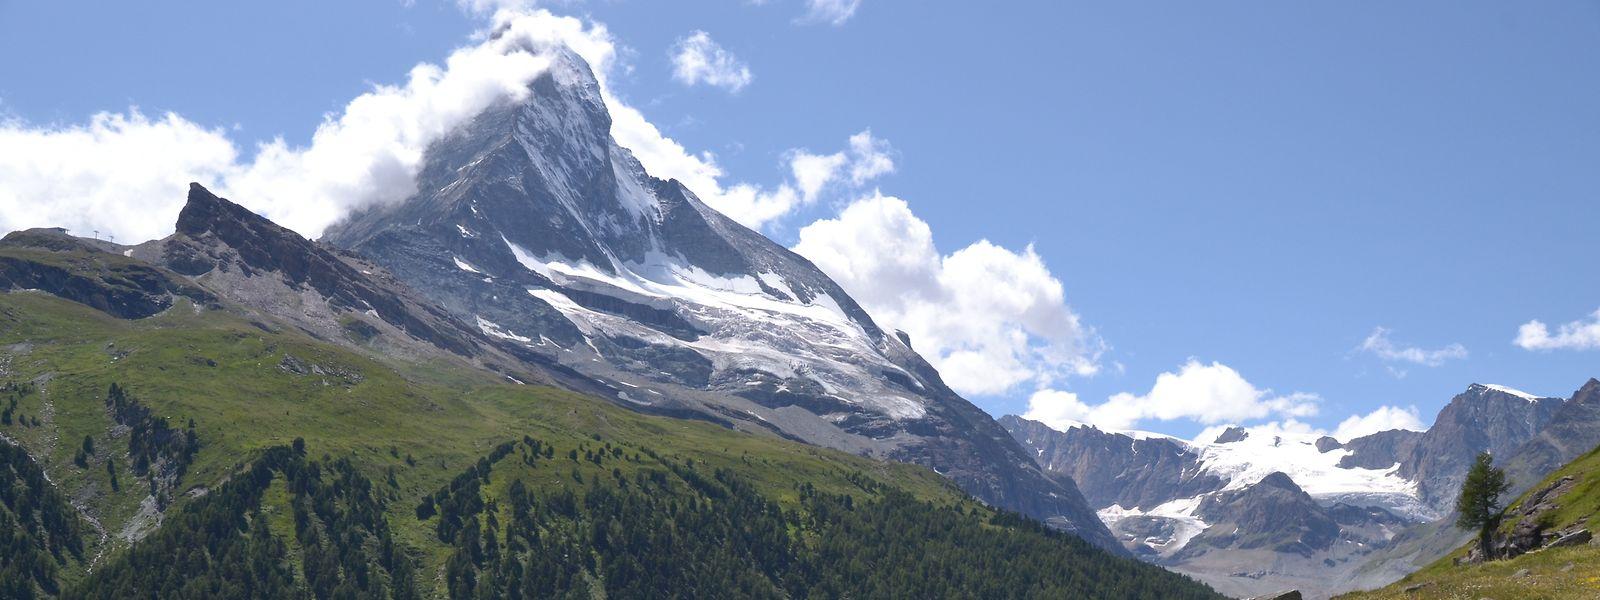 Das Matterhorn ist einer der höchsten Berge der Alpen.